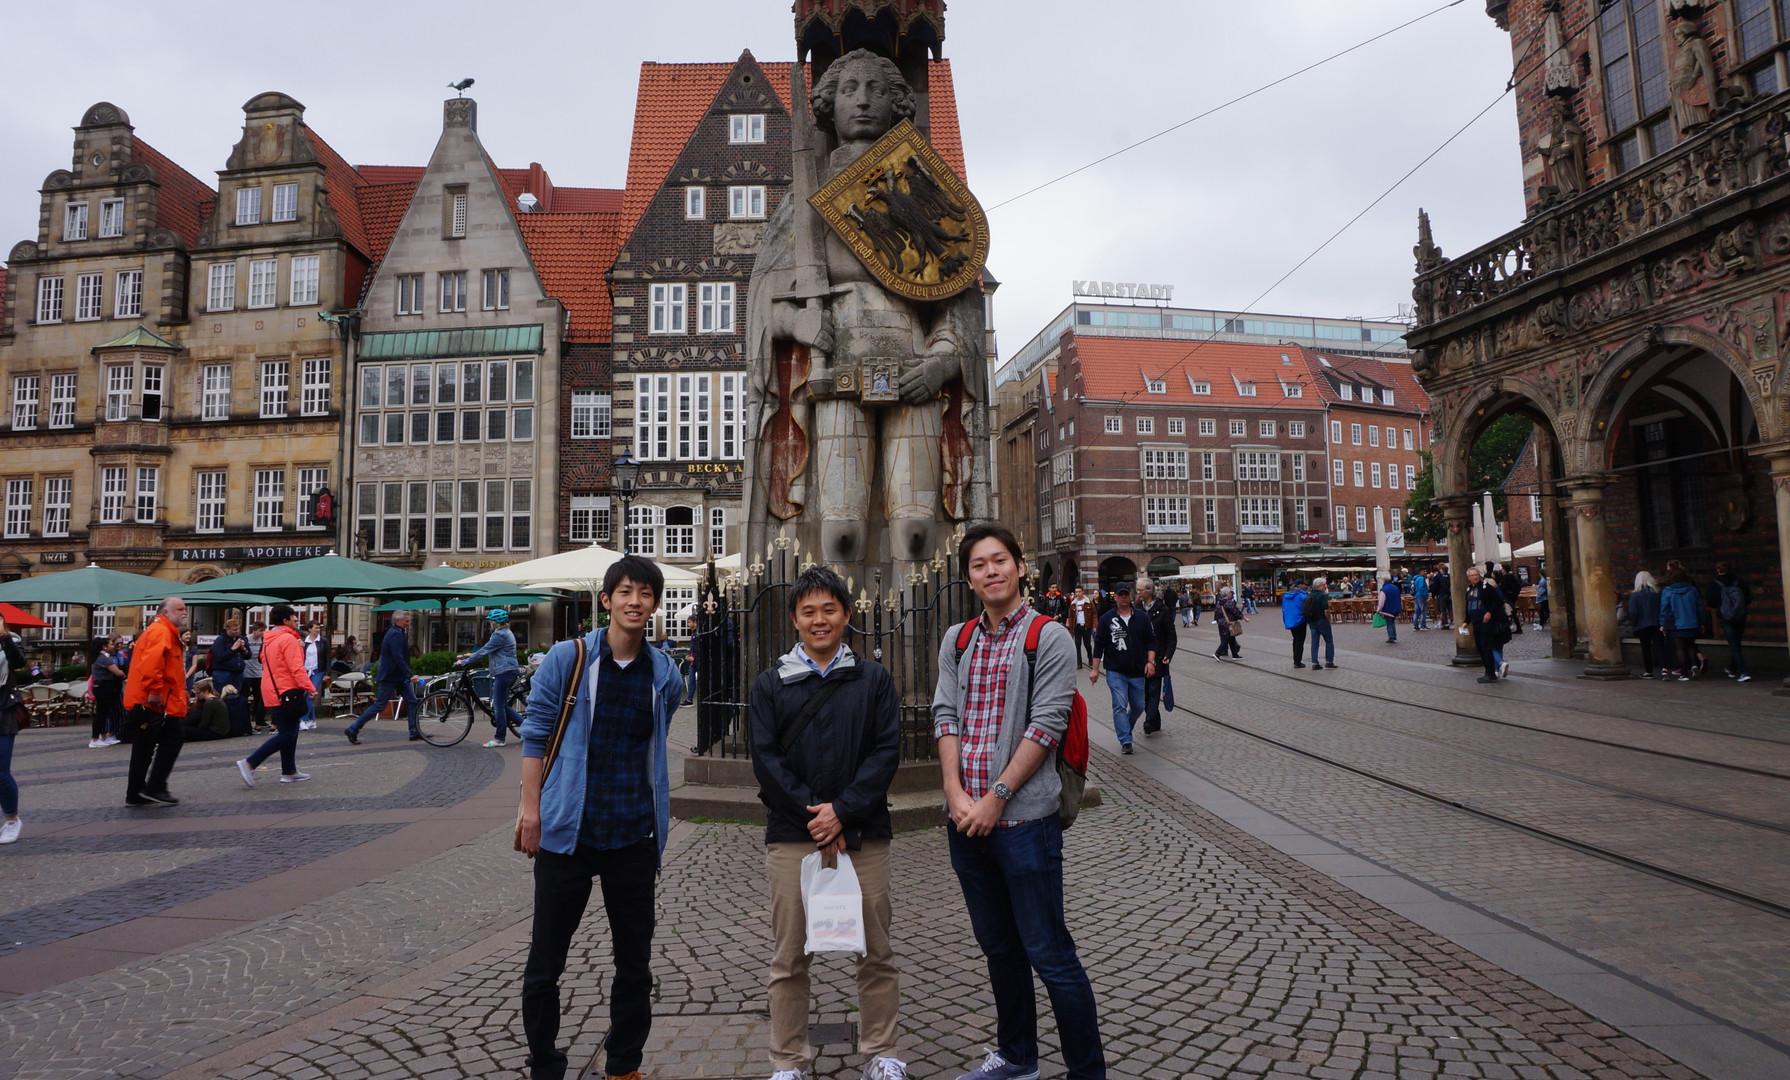 ローランド像の前にて